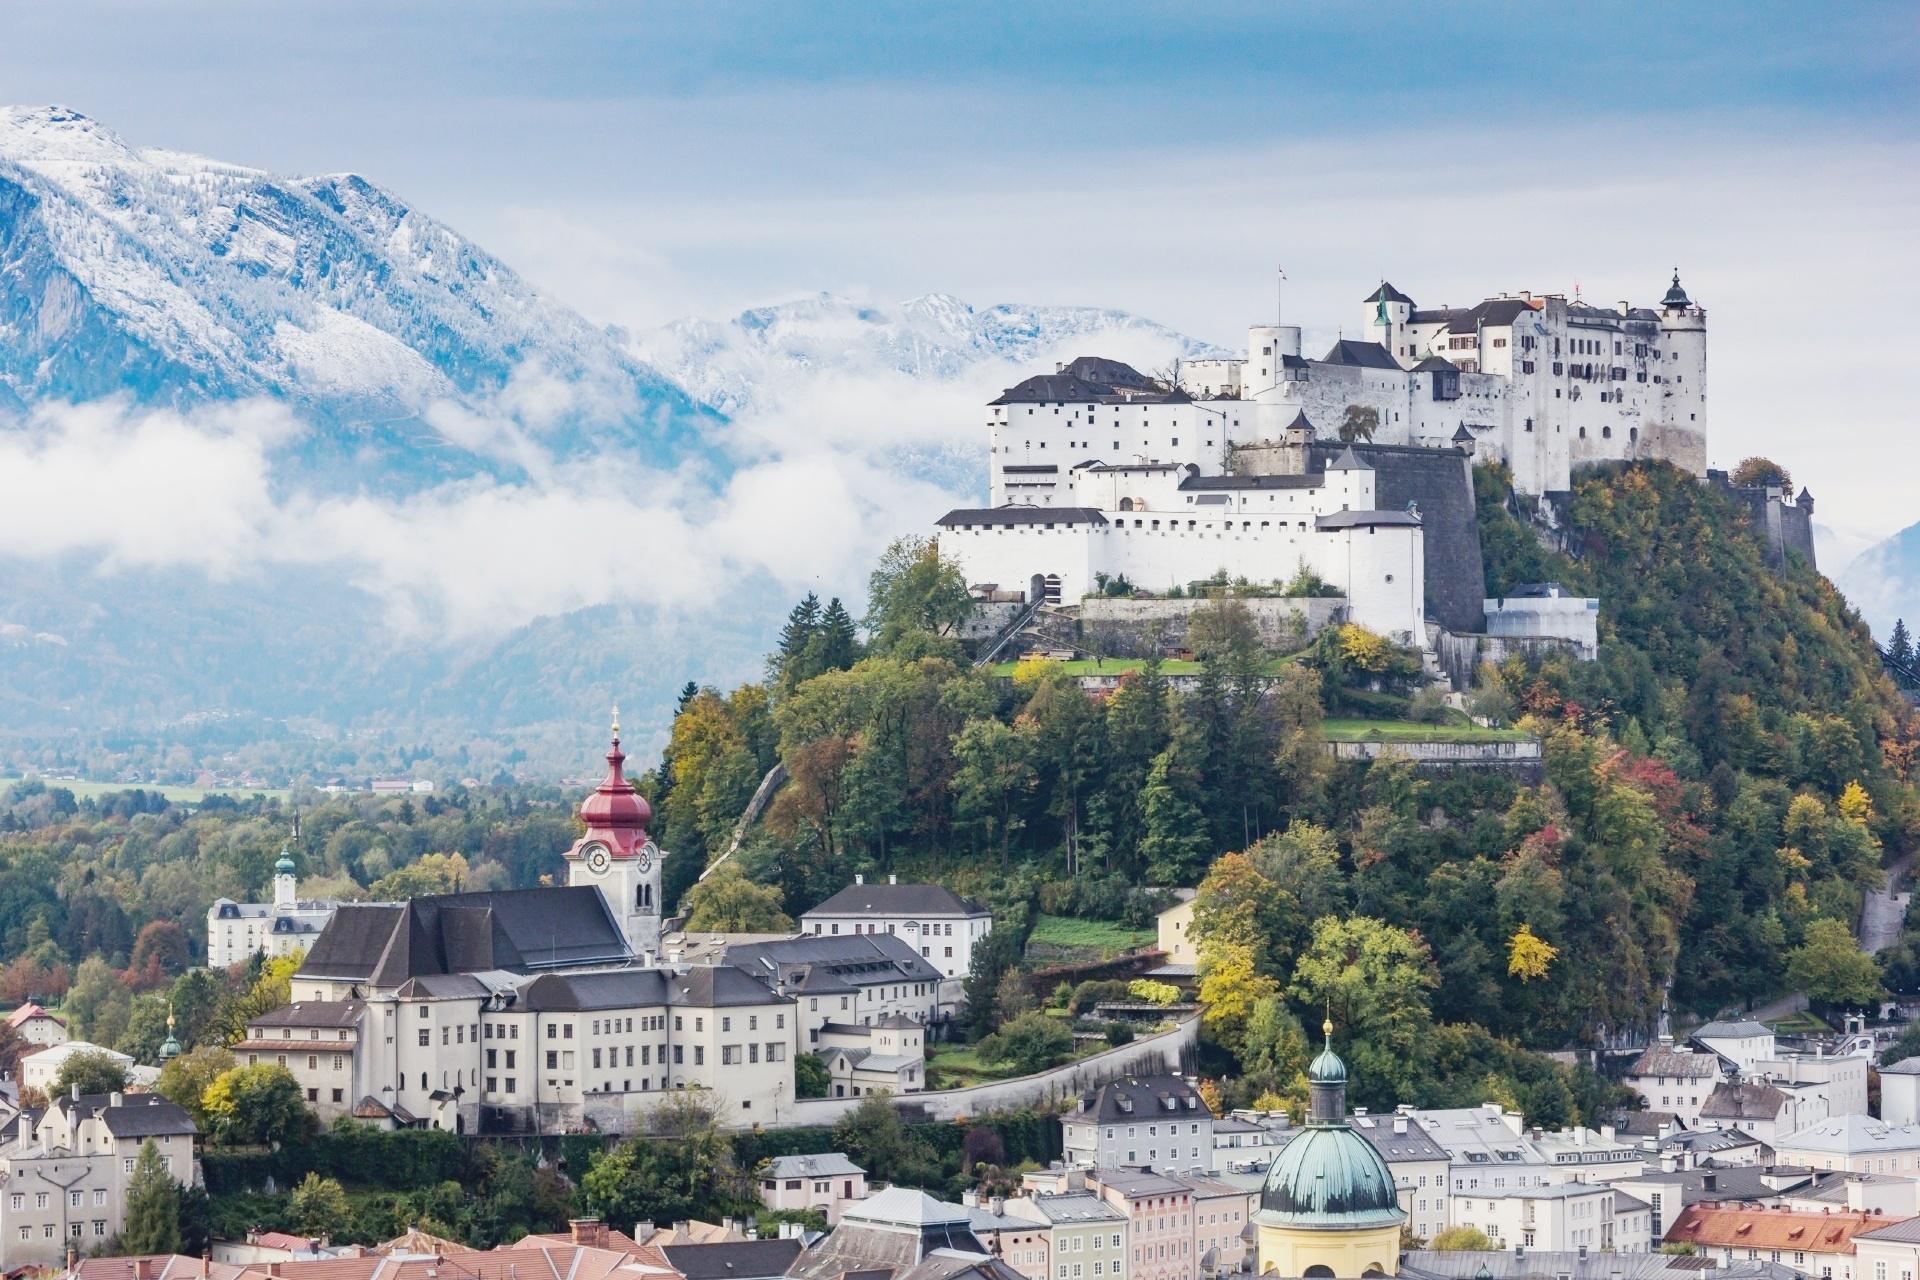 夏のザルツブルク ホーエンザルツブルク城とザルツァハ川とザルツブルクの町並み  オーストリアの風景